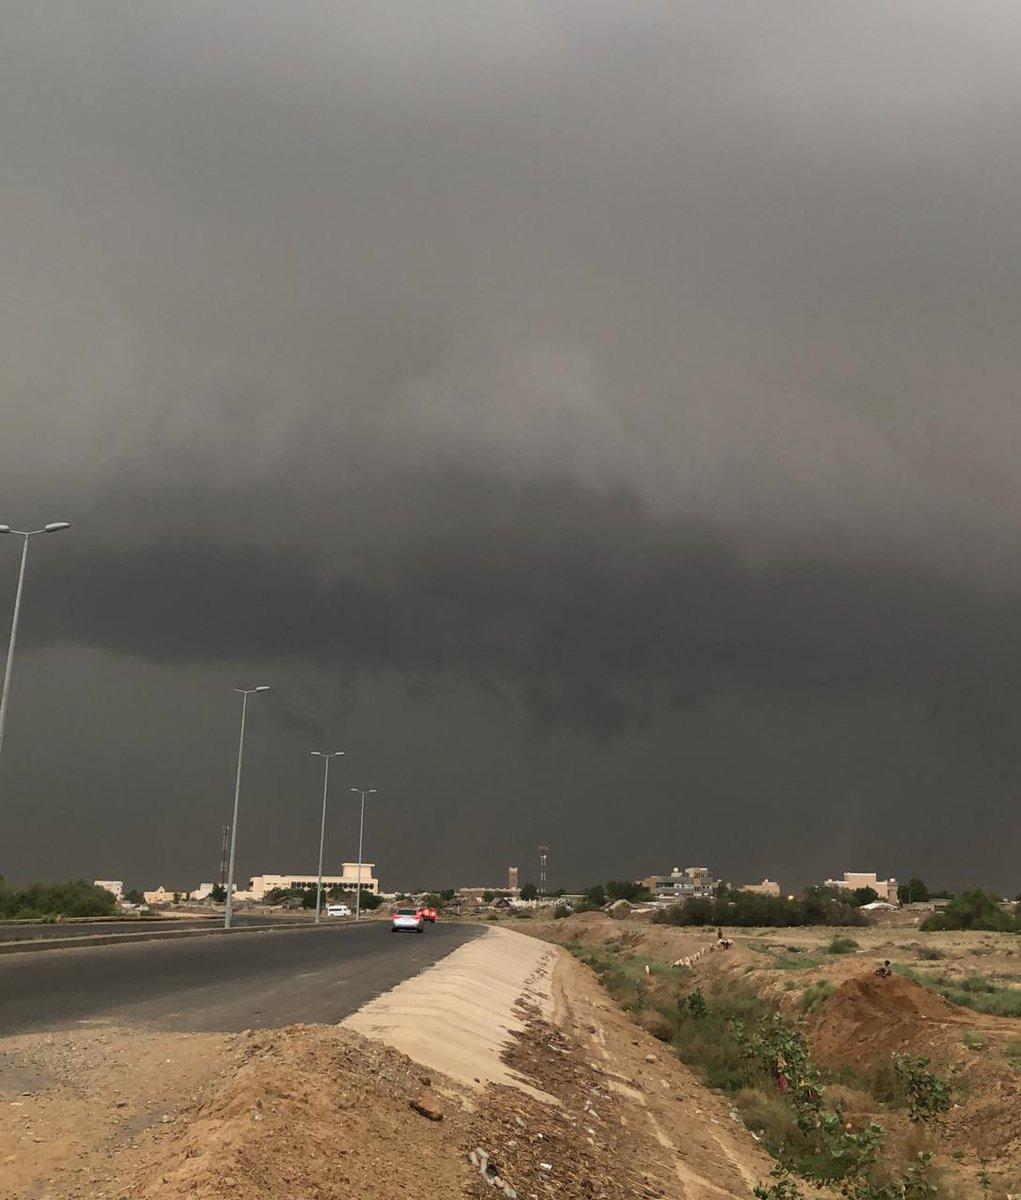 فريق طقس جازان على تويتر شرق الظبية عبد الرحمن زنقوطي Jazan Weather